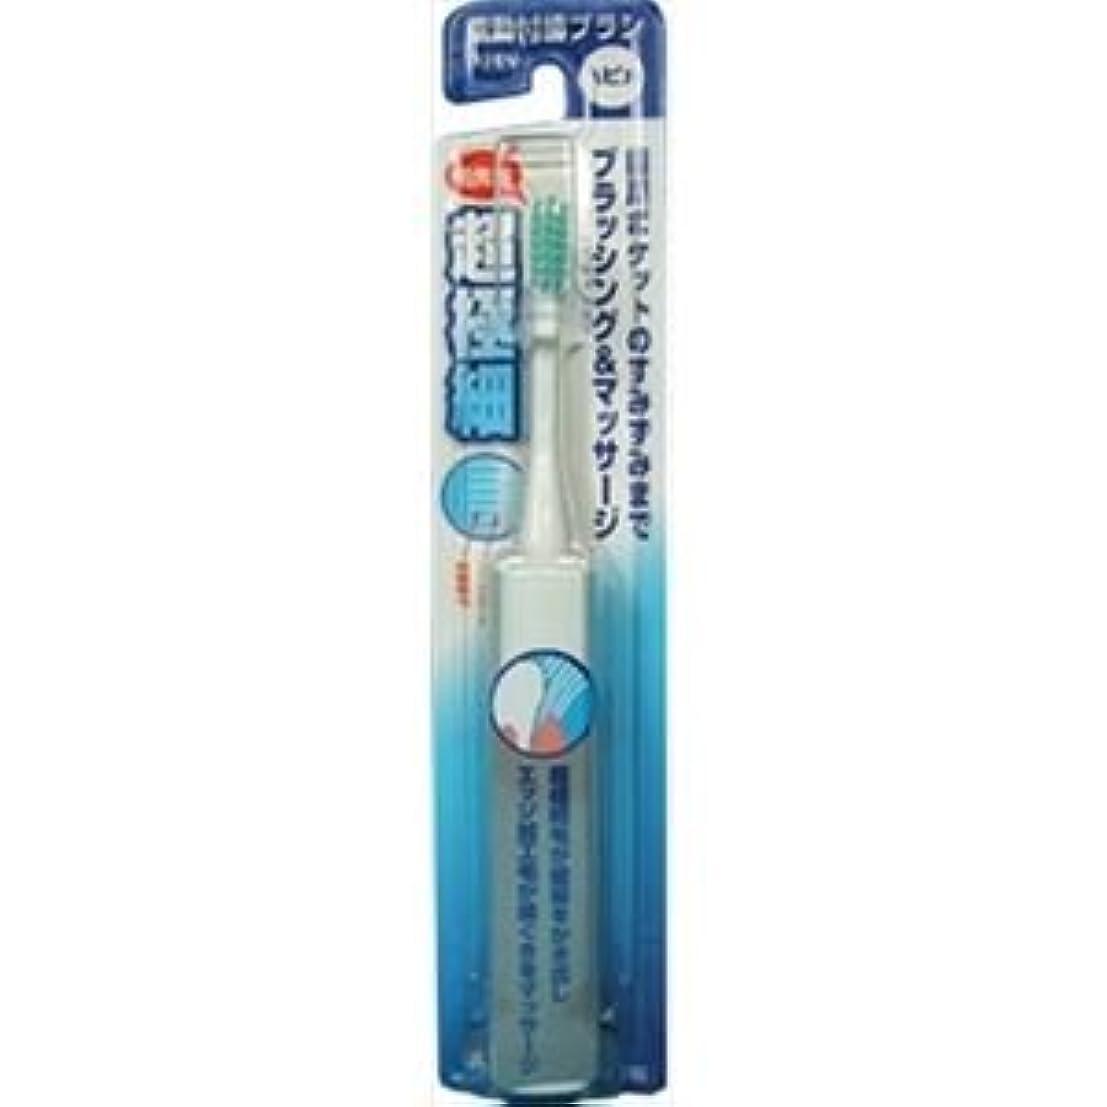 精査する余計な慎重(まとめ)ミニマムハピカ電動歯ブラシ超極細DBF-1W 【×12点セット】